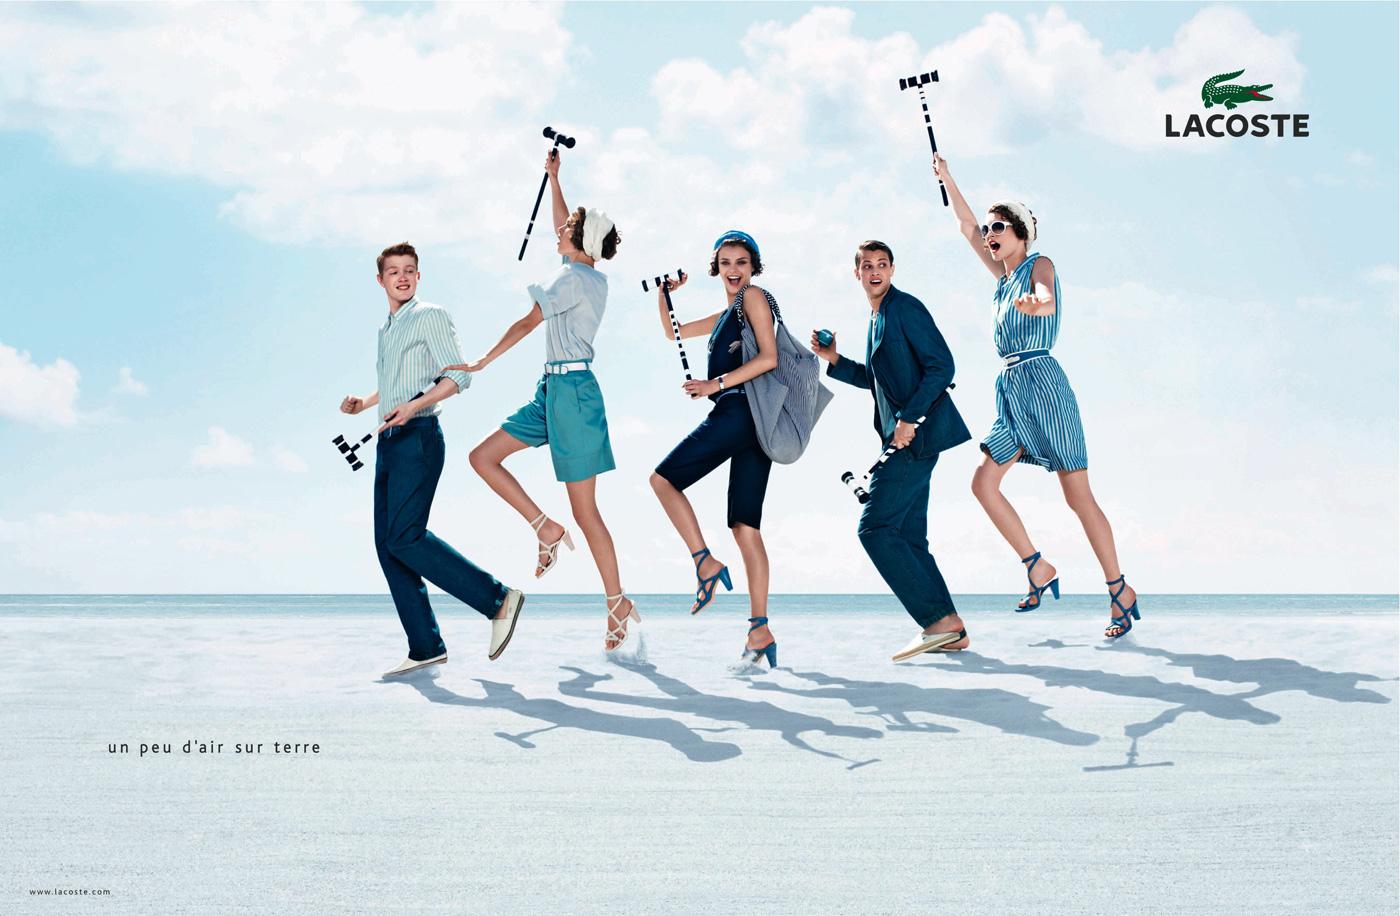 является одним фото постер реклама европейской одежды считалась